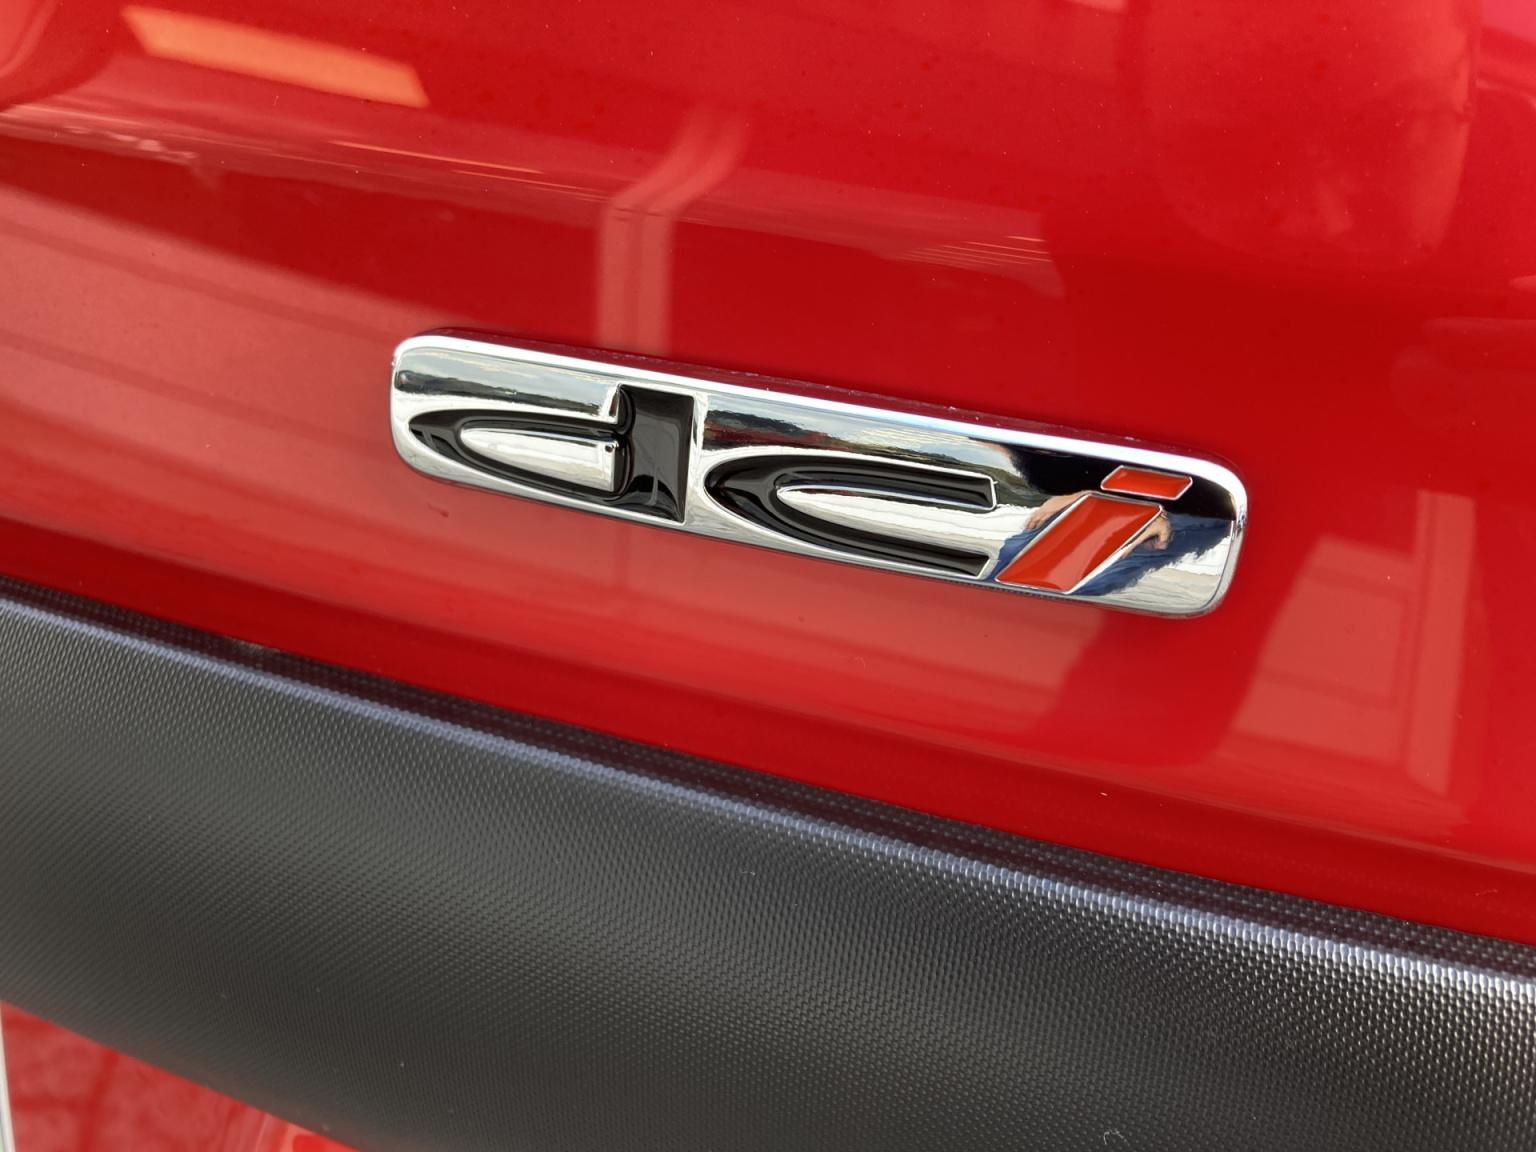 Microcar-Dué 6 Plus Design Pack DCi - Van € 13.490,- voor € 12.490,- | Voorraadactie!-15